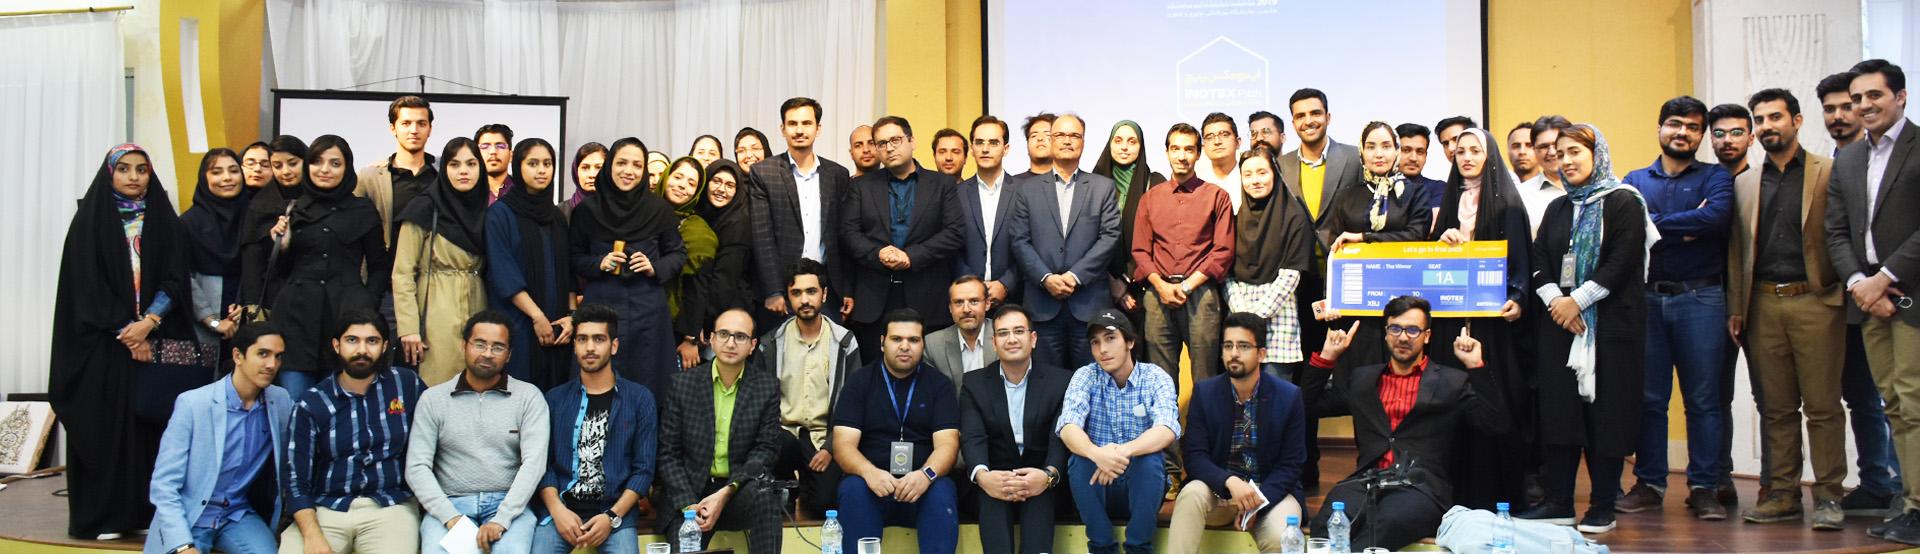 رویداد اینوتکس پیچ با همکاری پارک علم و فناوری خراسان جنوبی و پارک فناوری پردیس تهران در بیرجند برگزار شد.